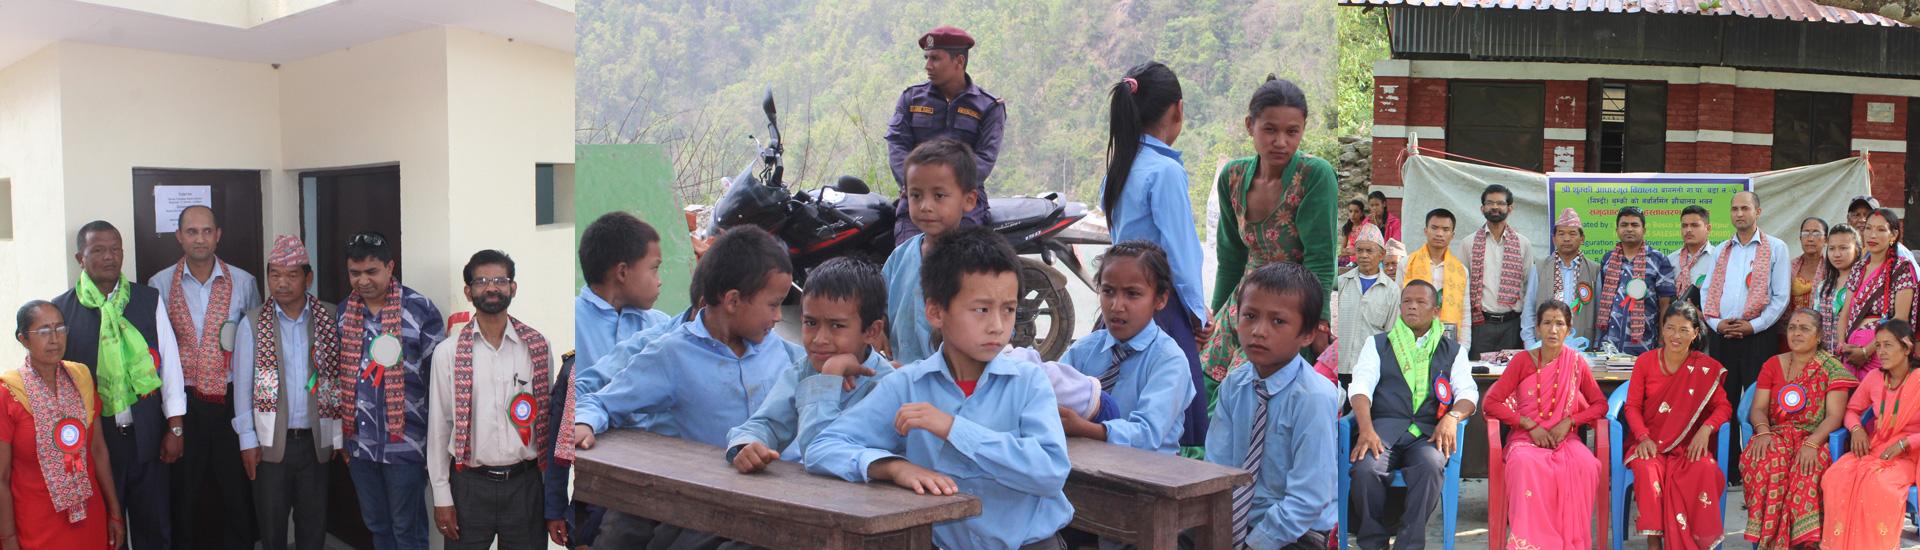 Reconstrucción de Nepal: seguimos trabajando, seguimos dando fruto